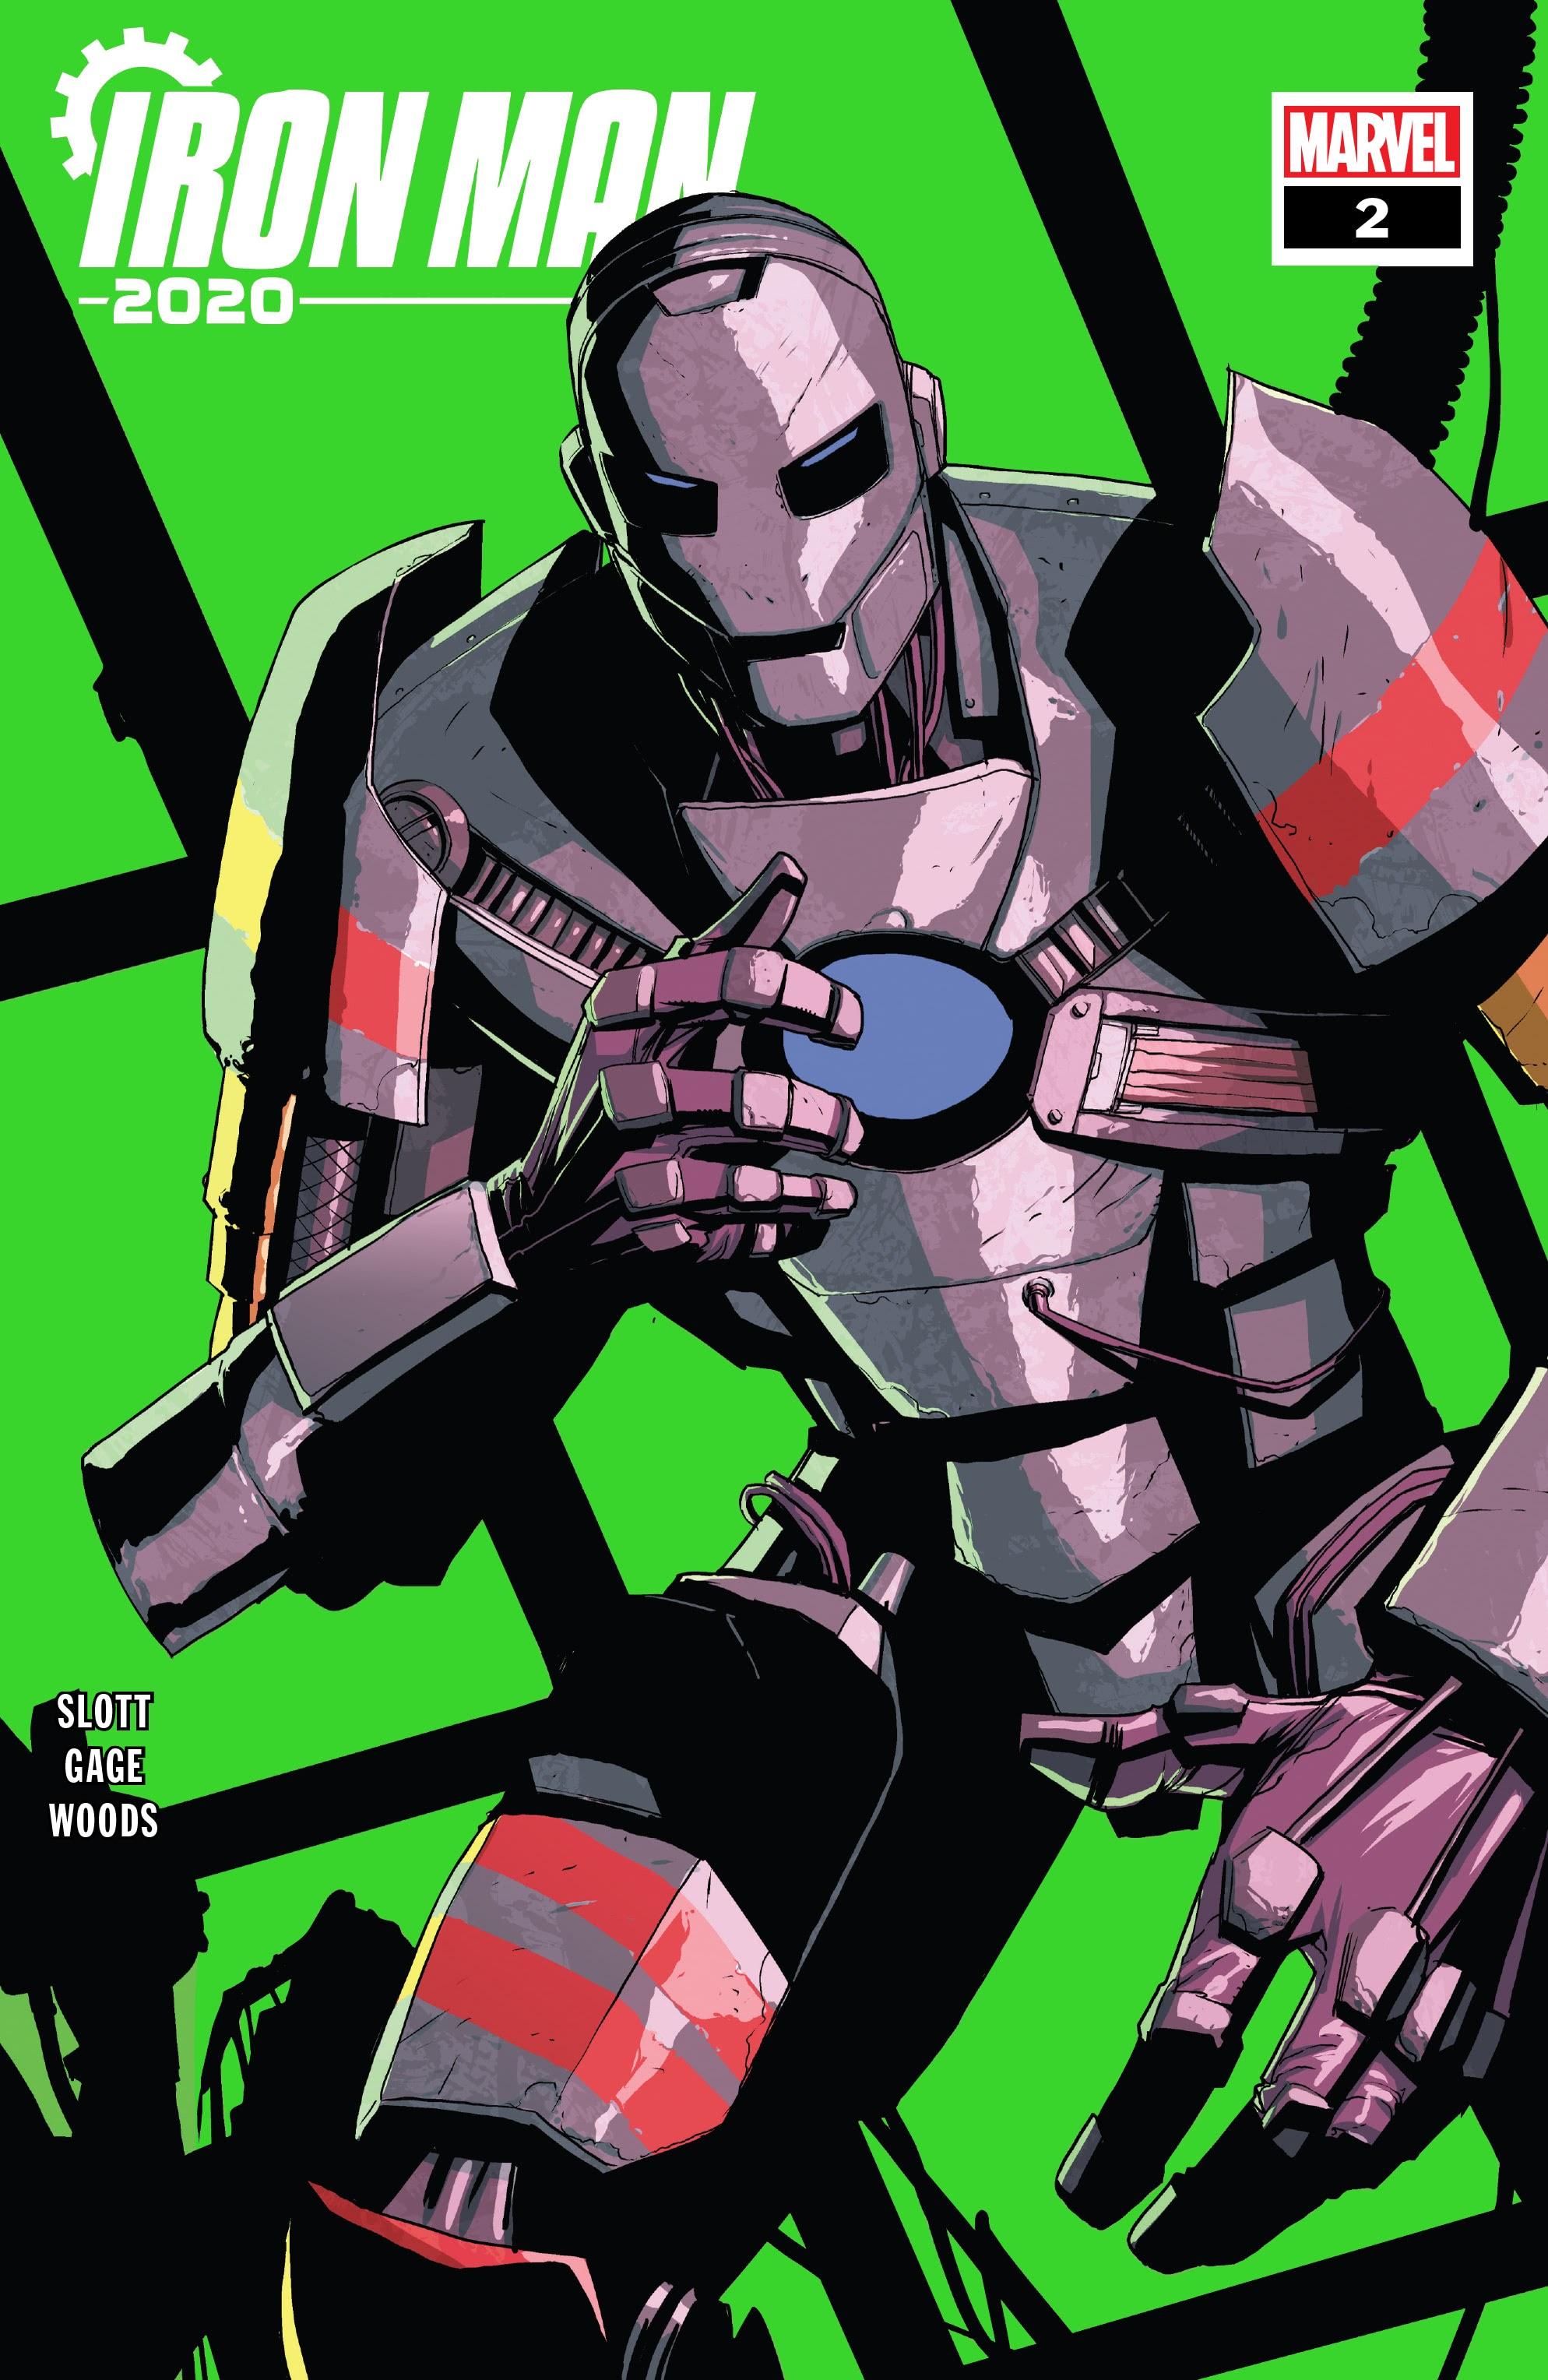 Iron Man 2020 (2020) 2 Page 1